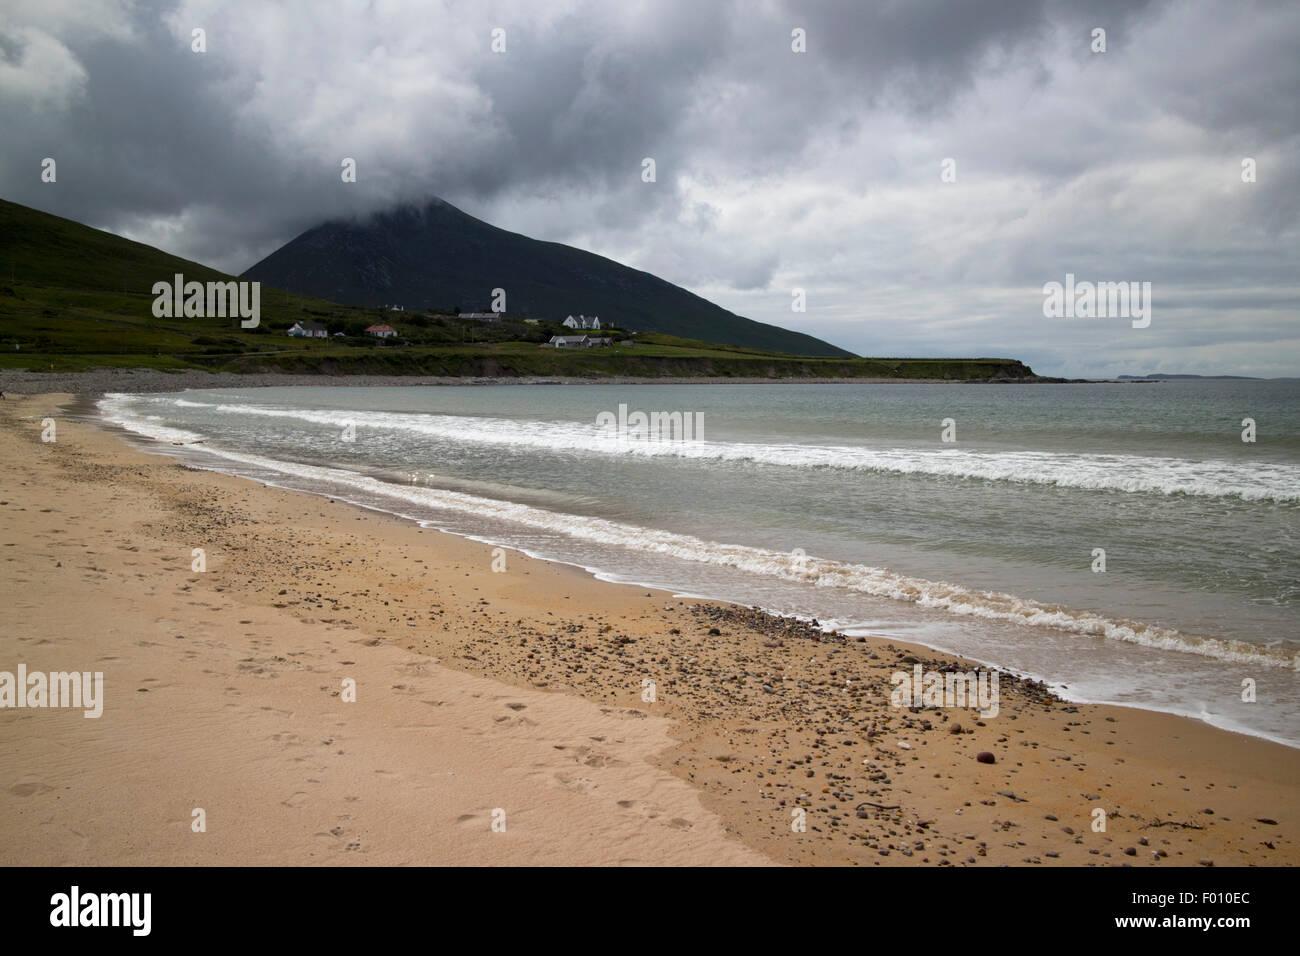 Barnynagappul Strand on the wild atlantic way coastal route doogort Achill Island, County Mayo, Ireland - Stock Image